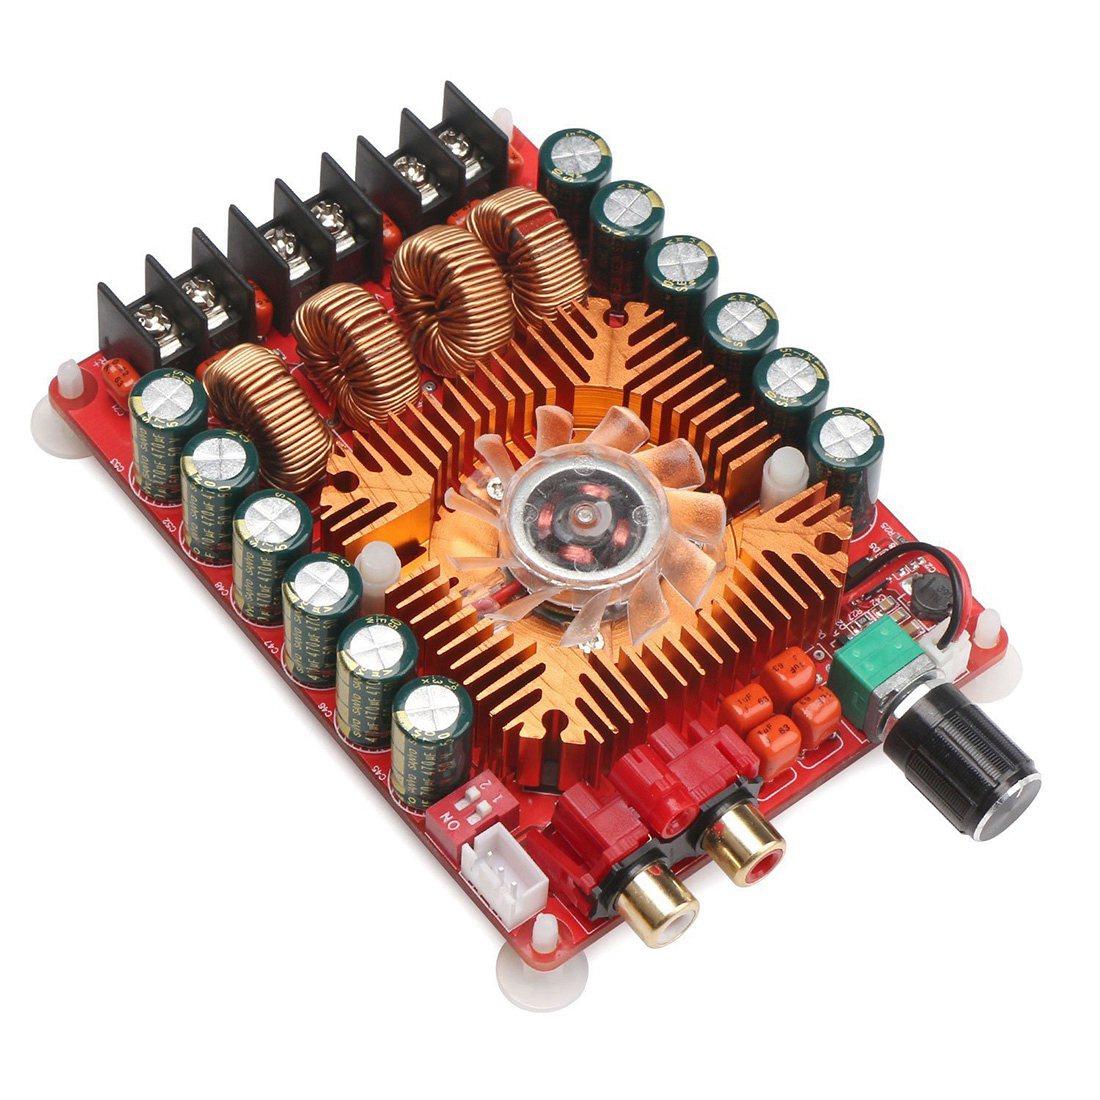 TDA7498E 2X160W Dual Channel Audio Amplifier Board, Support BTL Mode 1X220W Single Channel, DC 24V Digital Stereo Power Amp aiyima 12v tda7297 audio amplifier board amplificador class ab stereo dual channel amplifier board 15w 15w